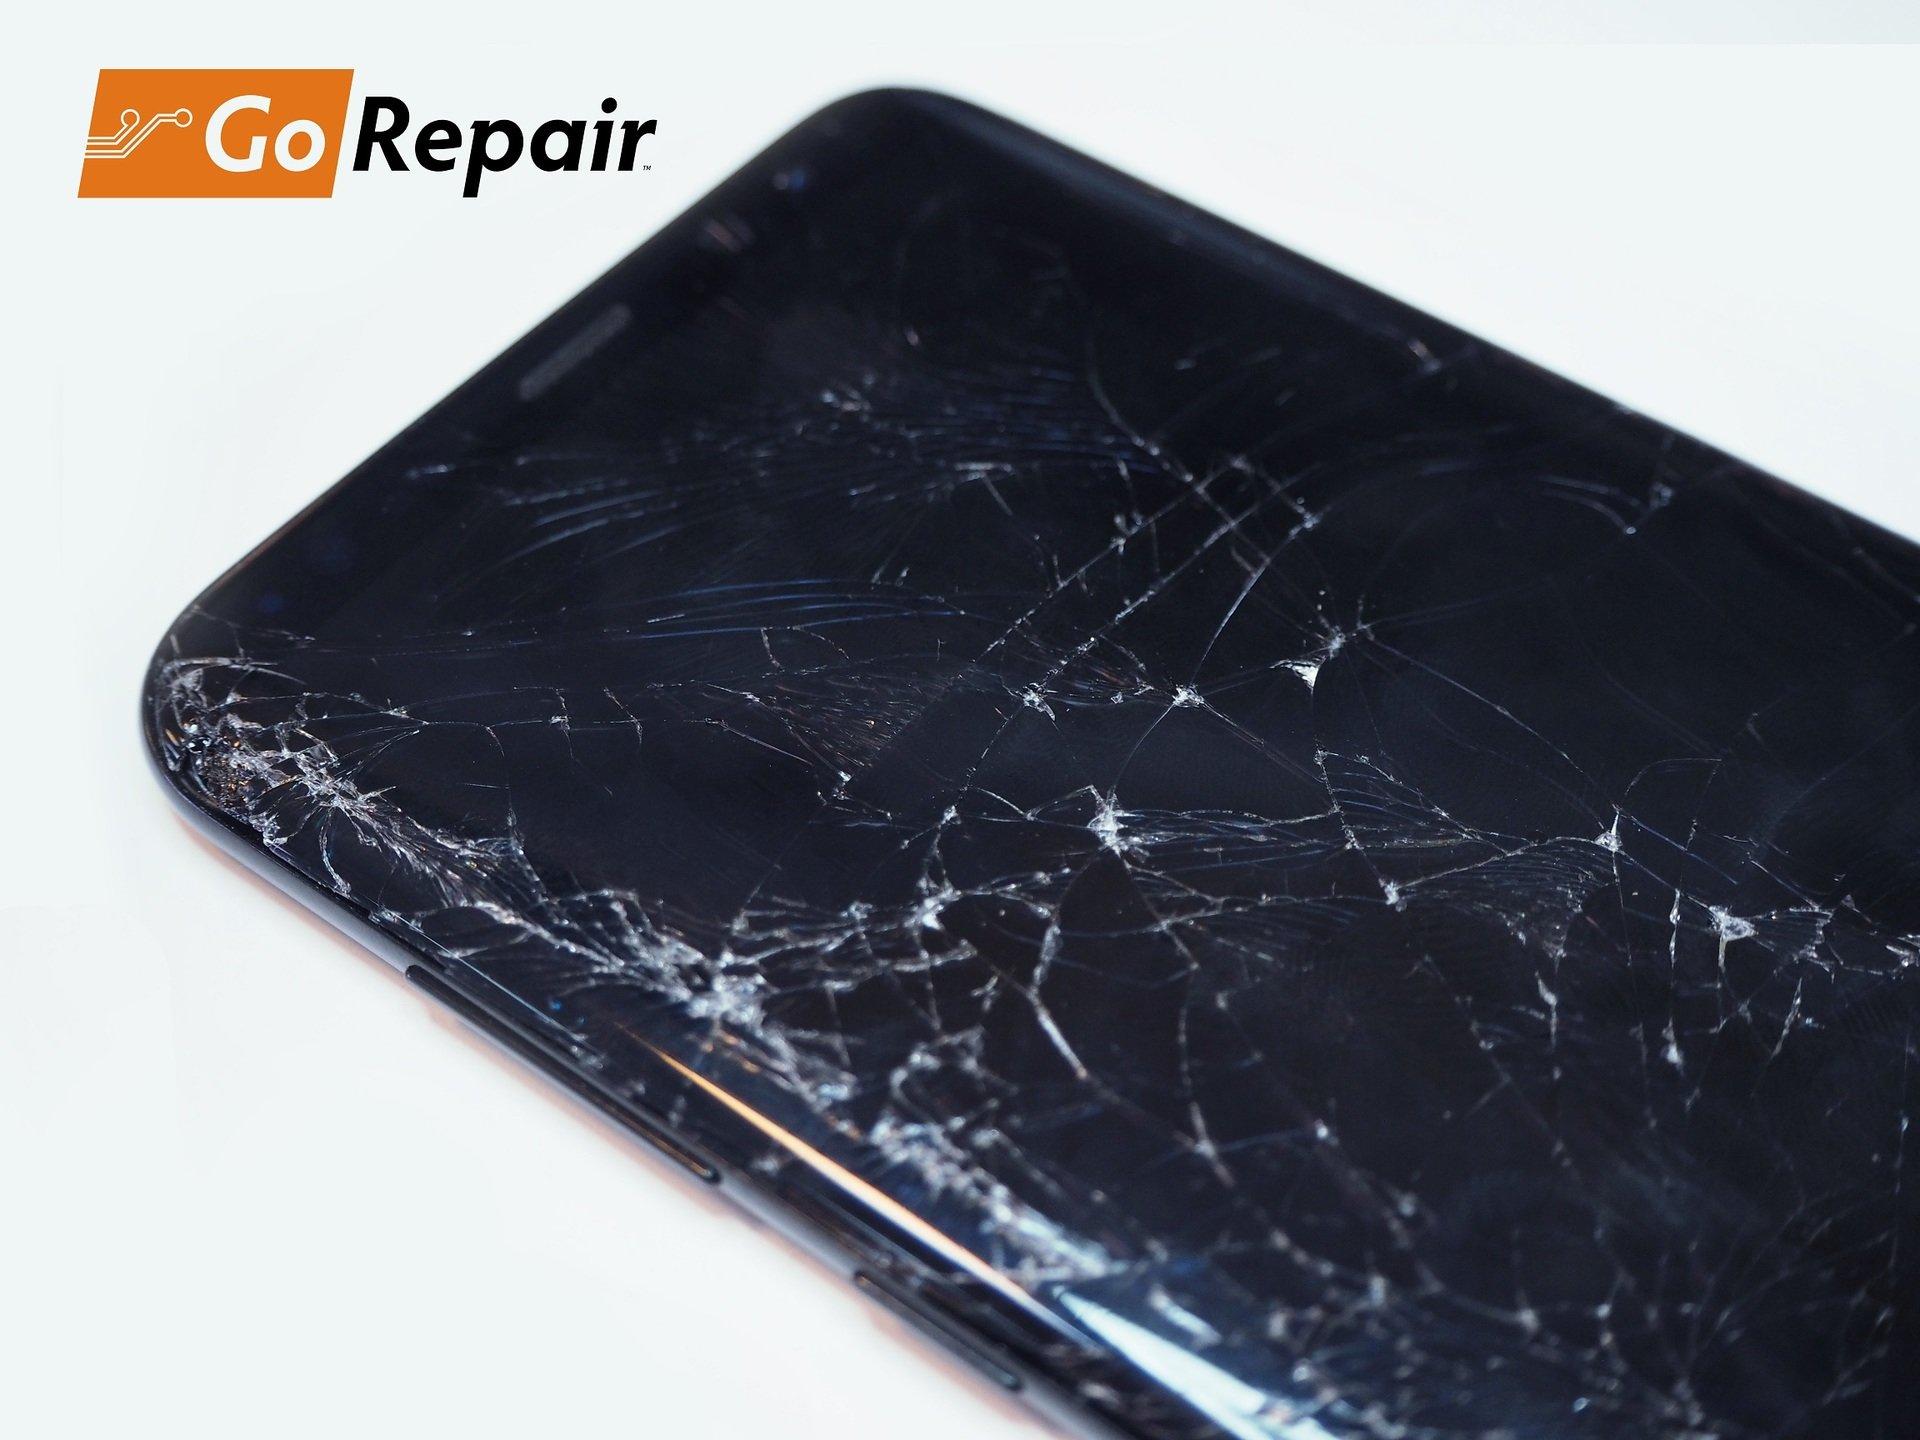 Nowa metoda naprawy zakrzywionych ekranów już dostępna w GoRepair!